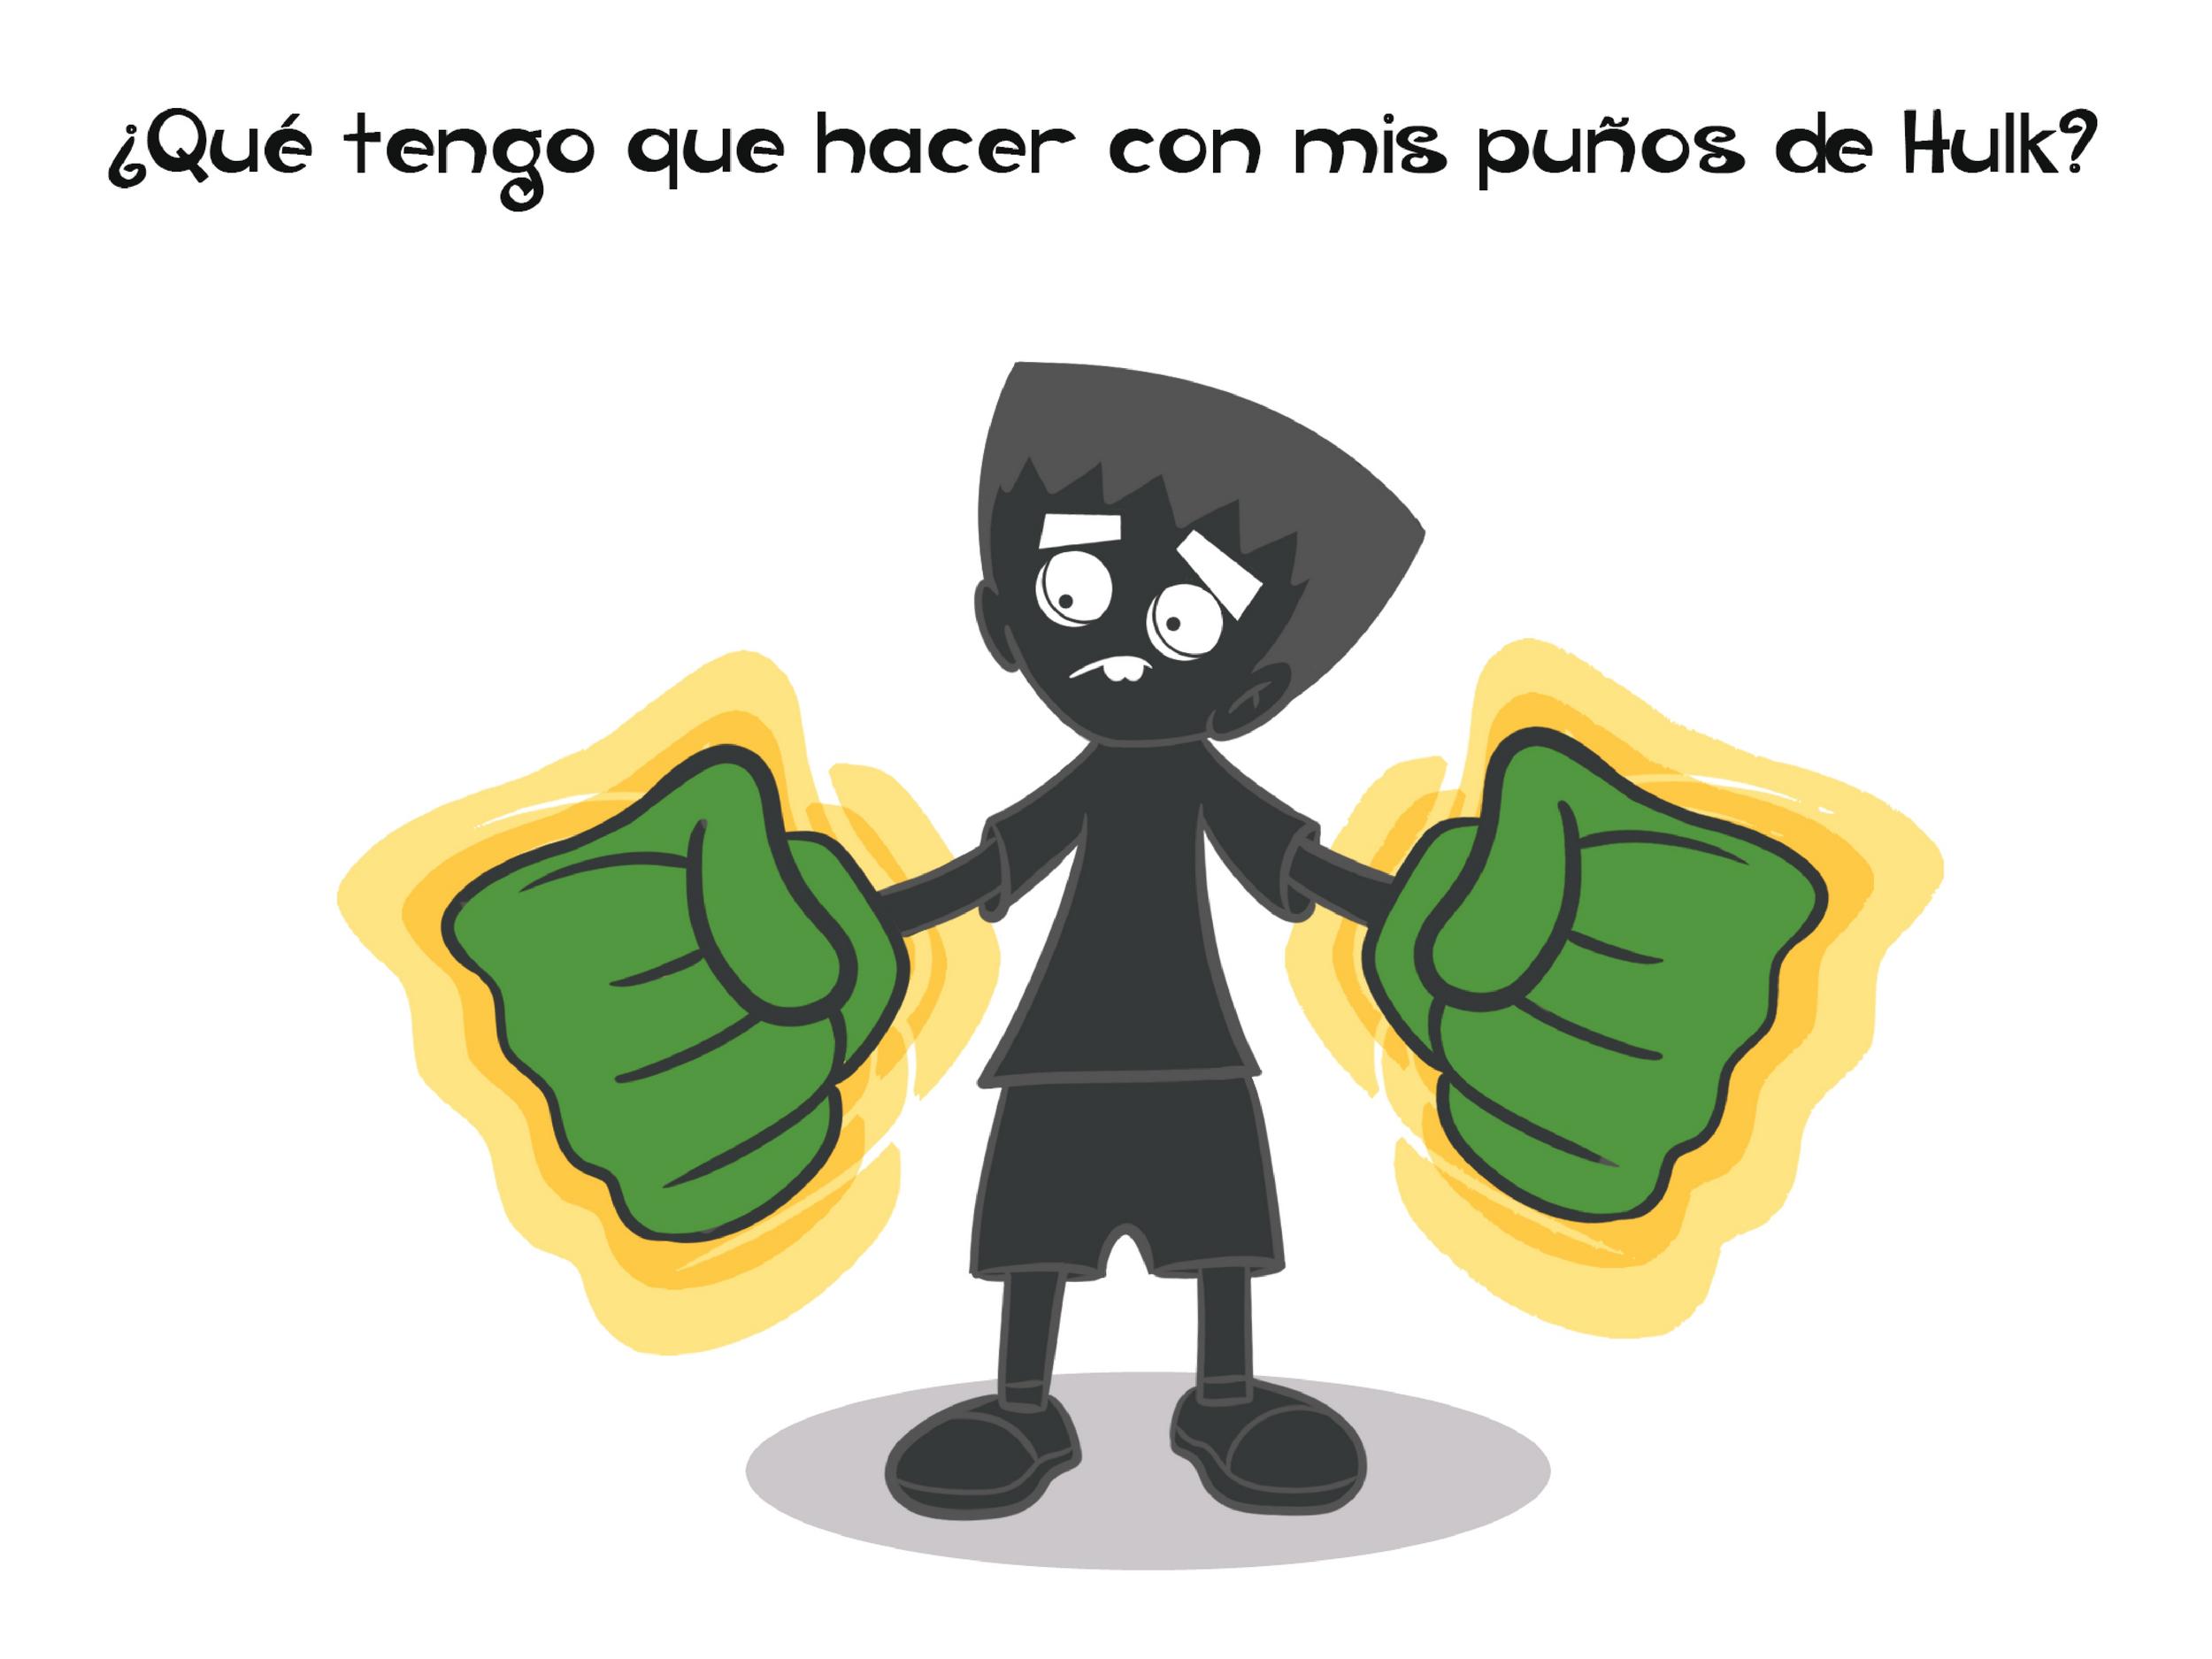 El_niño_puños_Hulk_Javi_Fernandez_Mañas_El niño con los puños de Hulk_page-0017_2500_0017